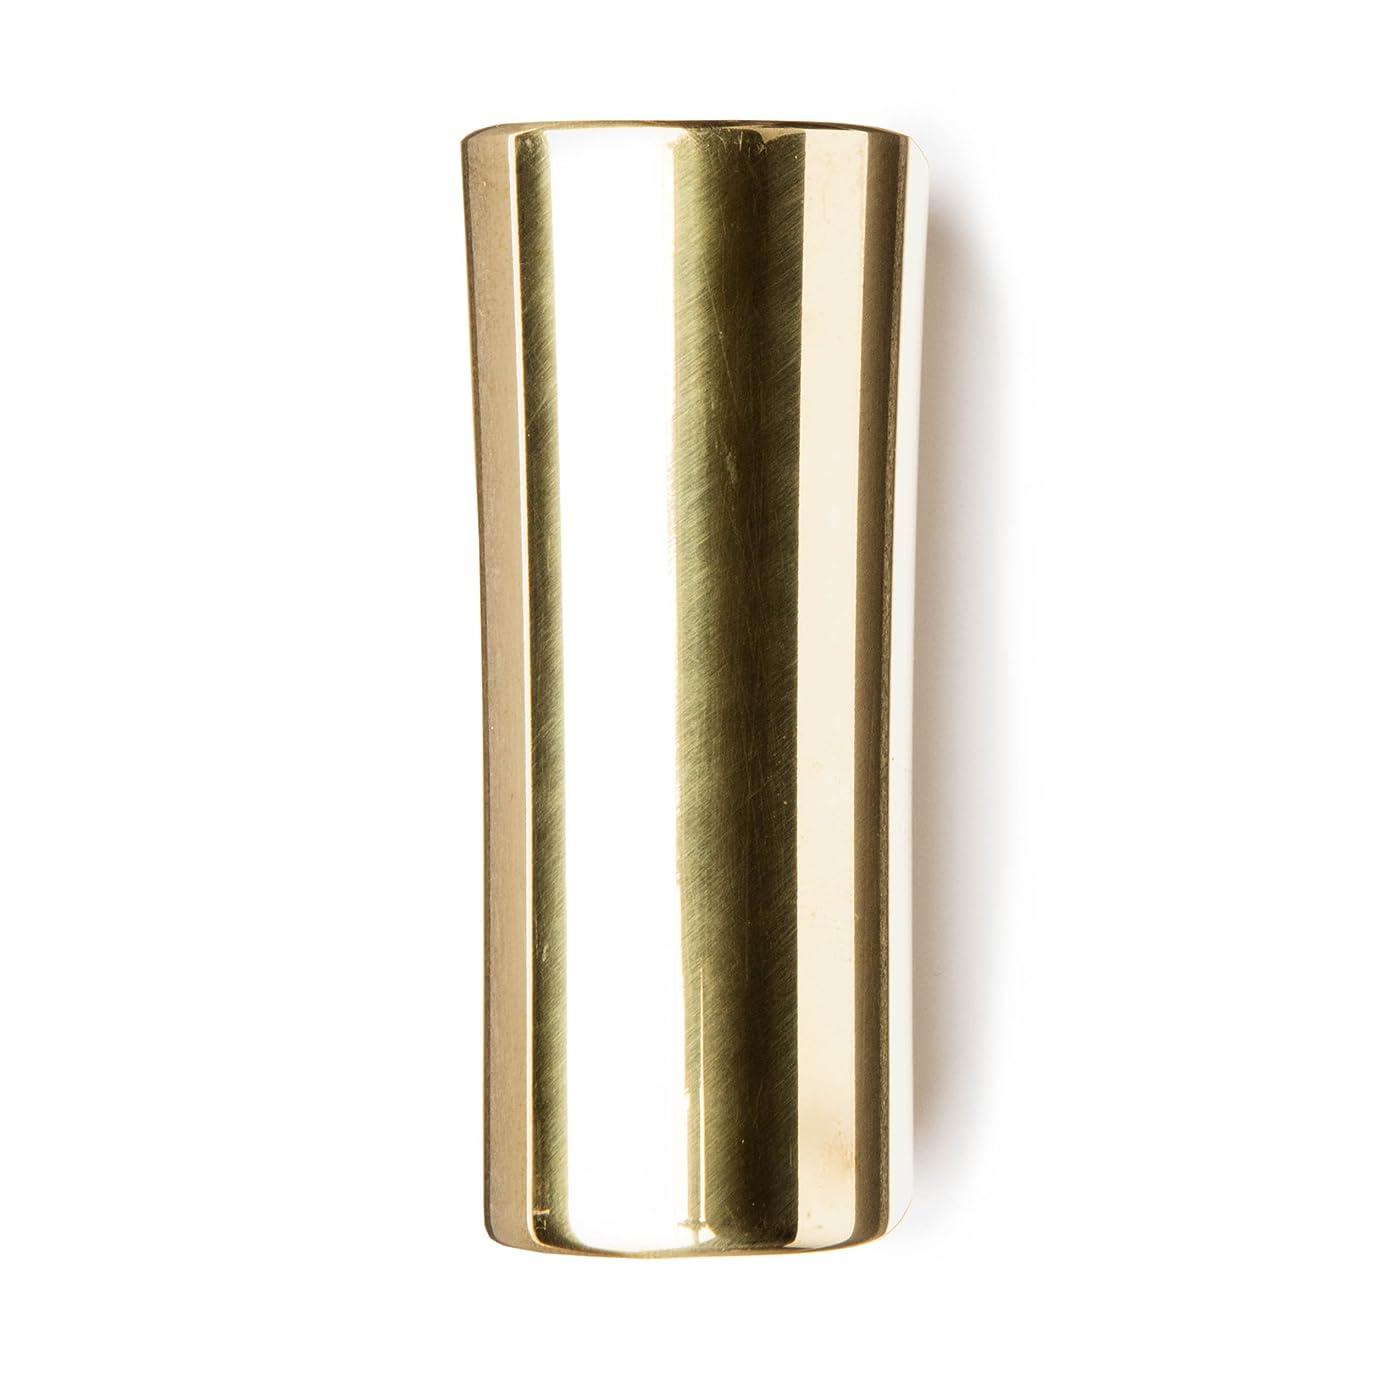 残り物帝国主義発火するJim Dunlop (ジム ダンロップ) 232 ハリス スライドバー ブラス ラージ サイズ Harris Slide Solid Brass Large